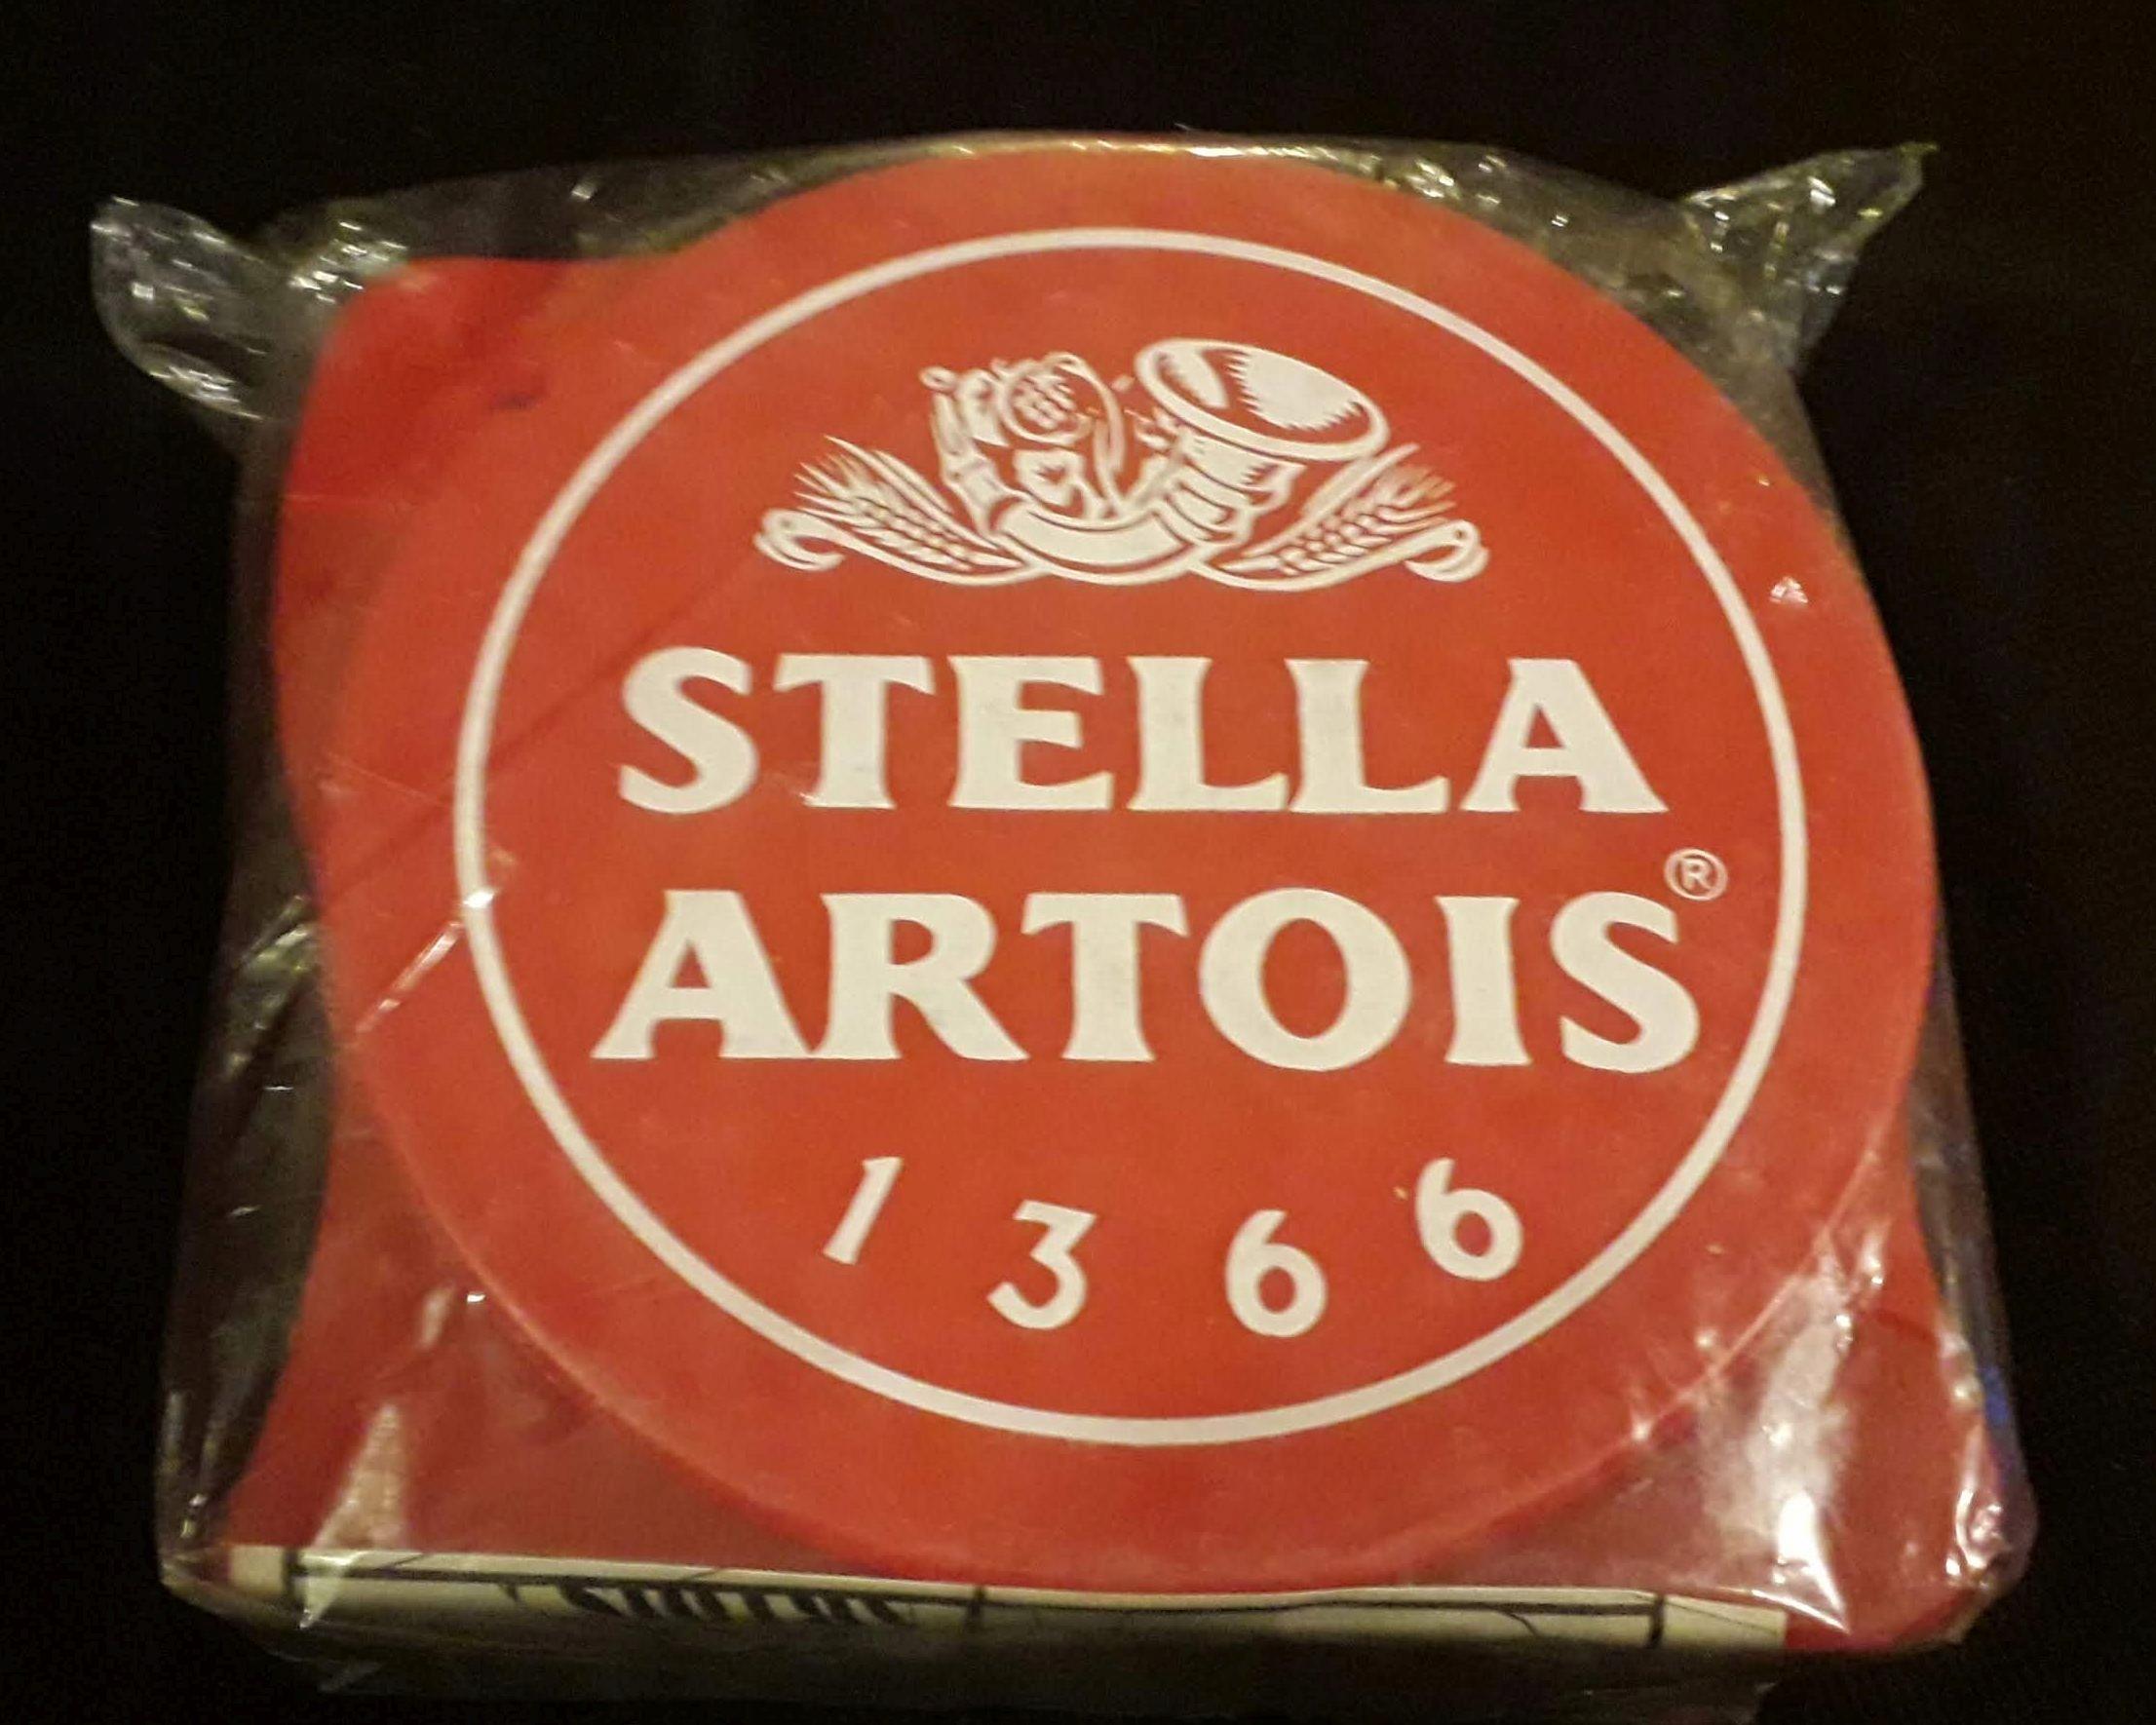 Stella Artois pudełko na płyty